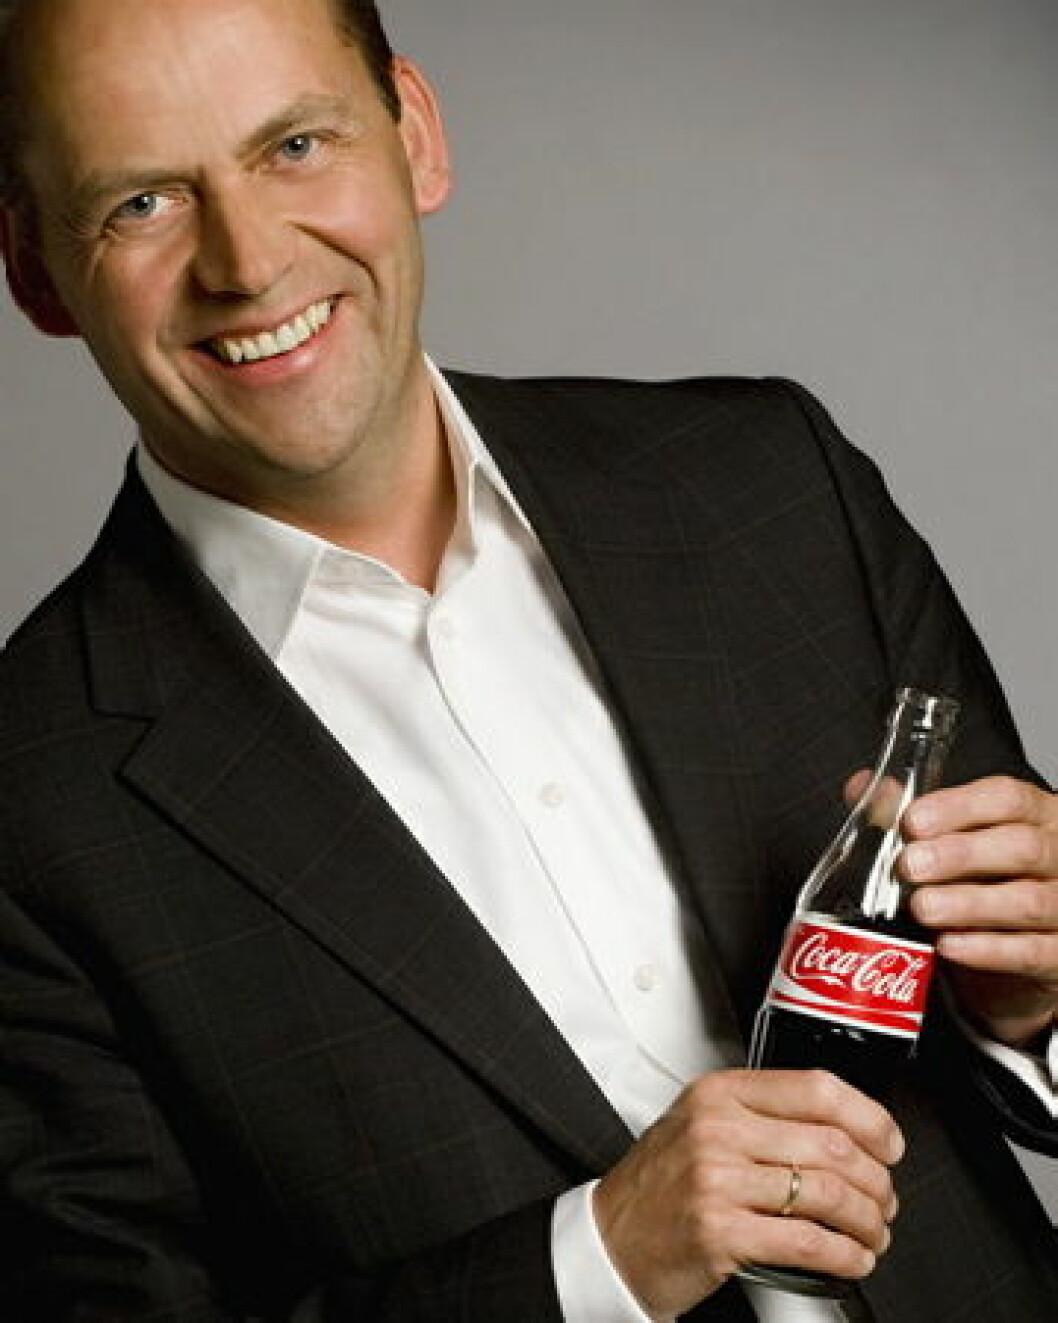 Leif Atle Viken Coca Cola nett